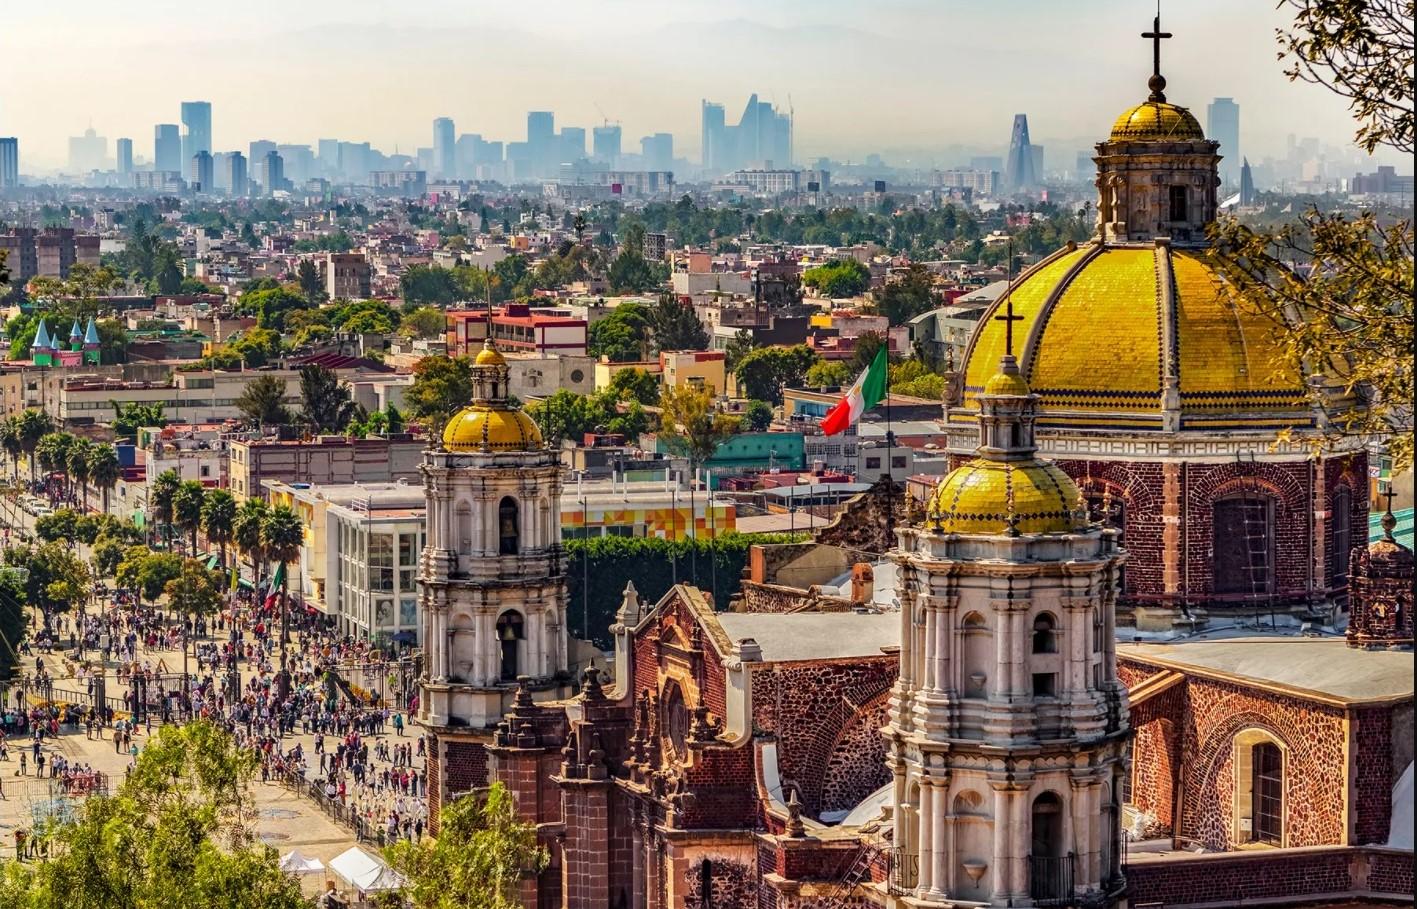 جاذبه های دیدنی مکزیک